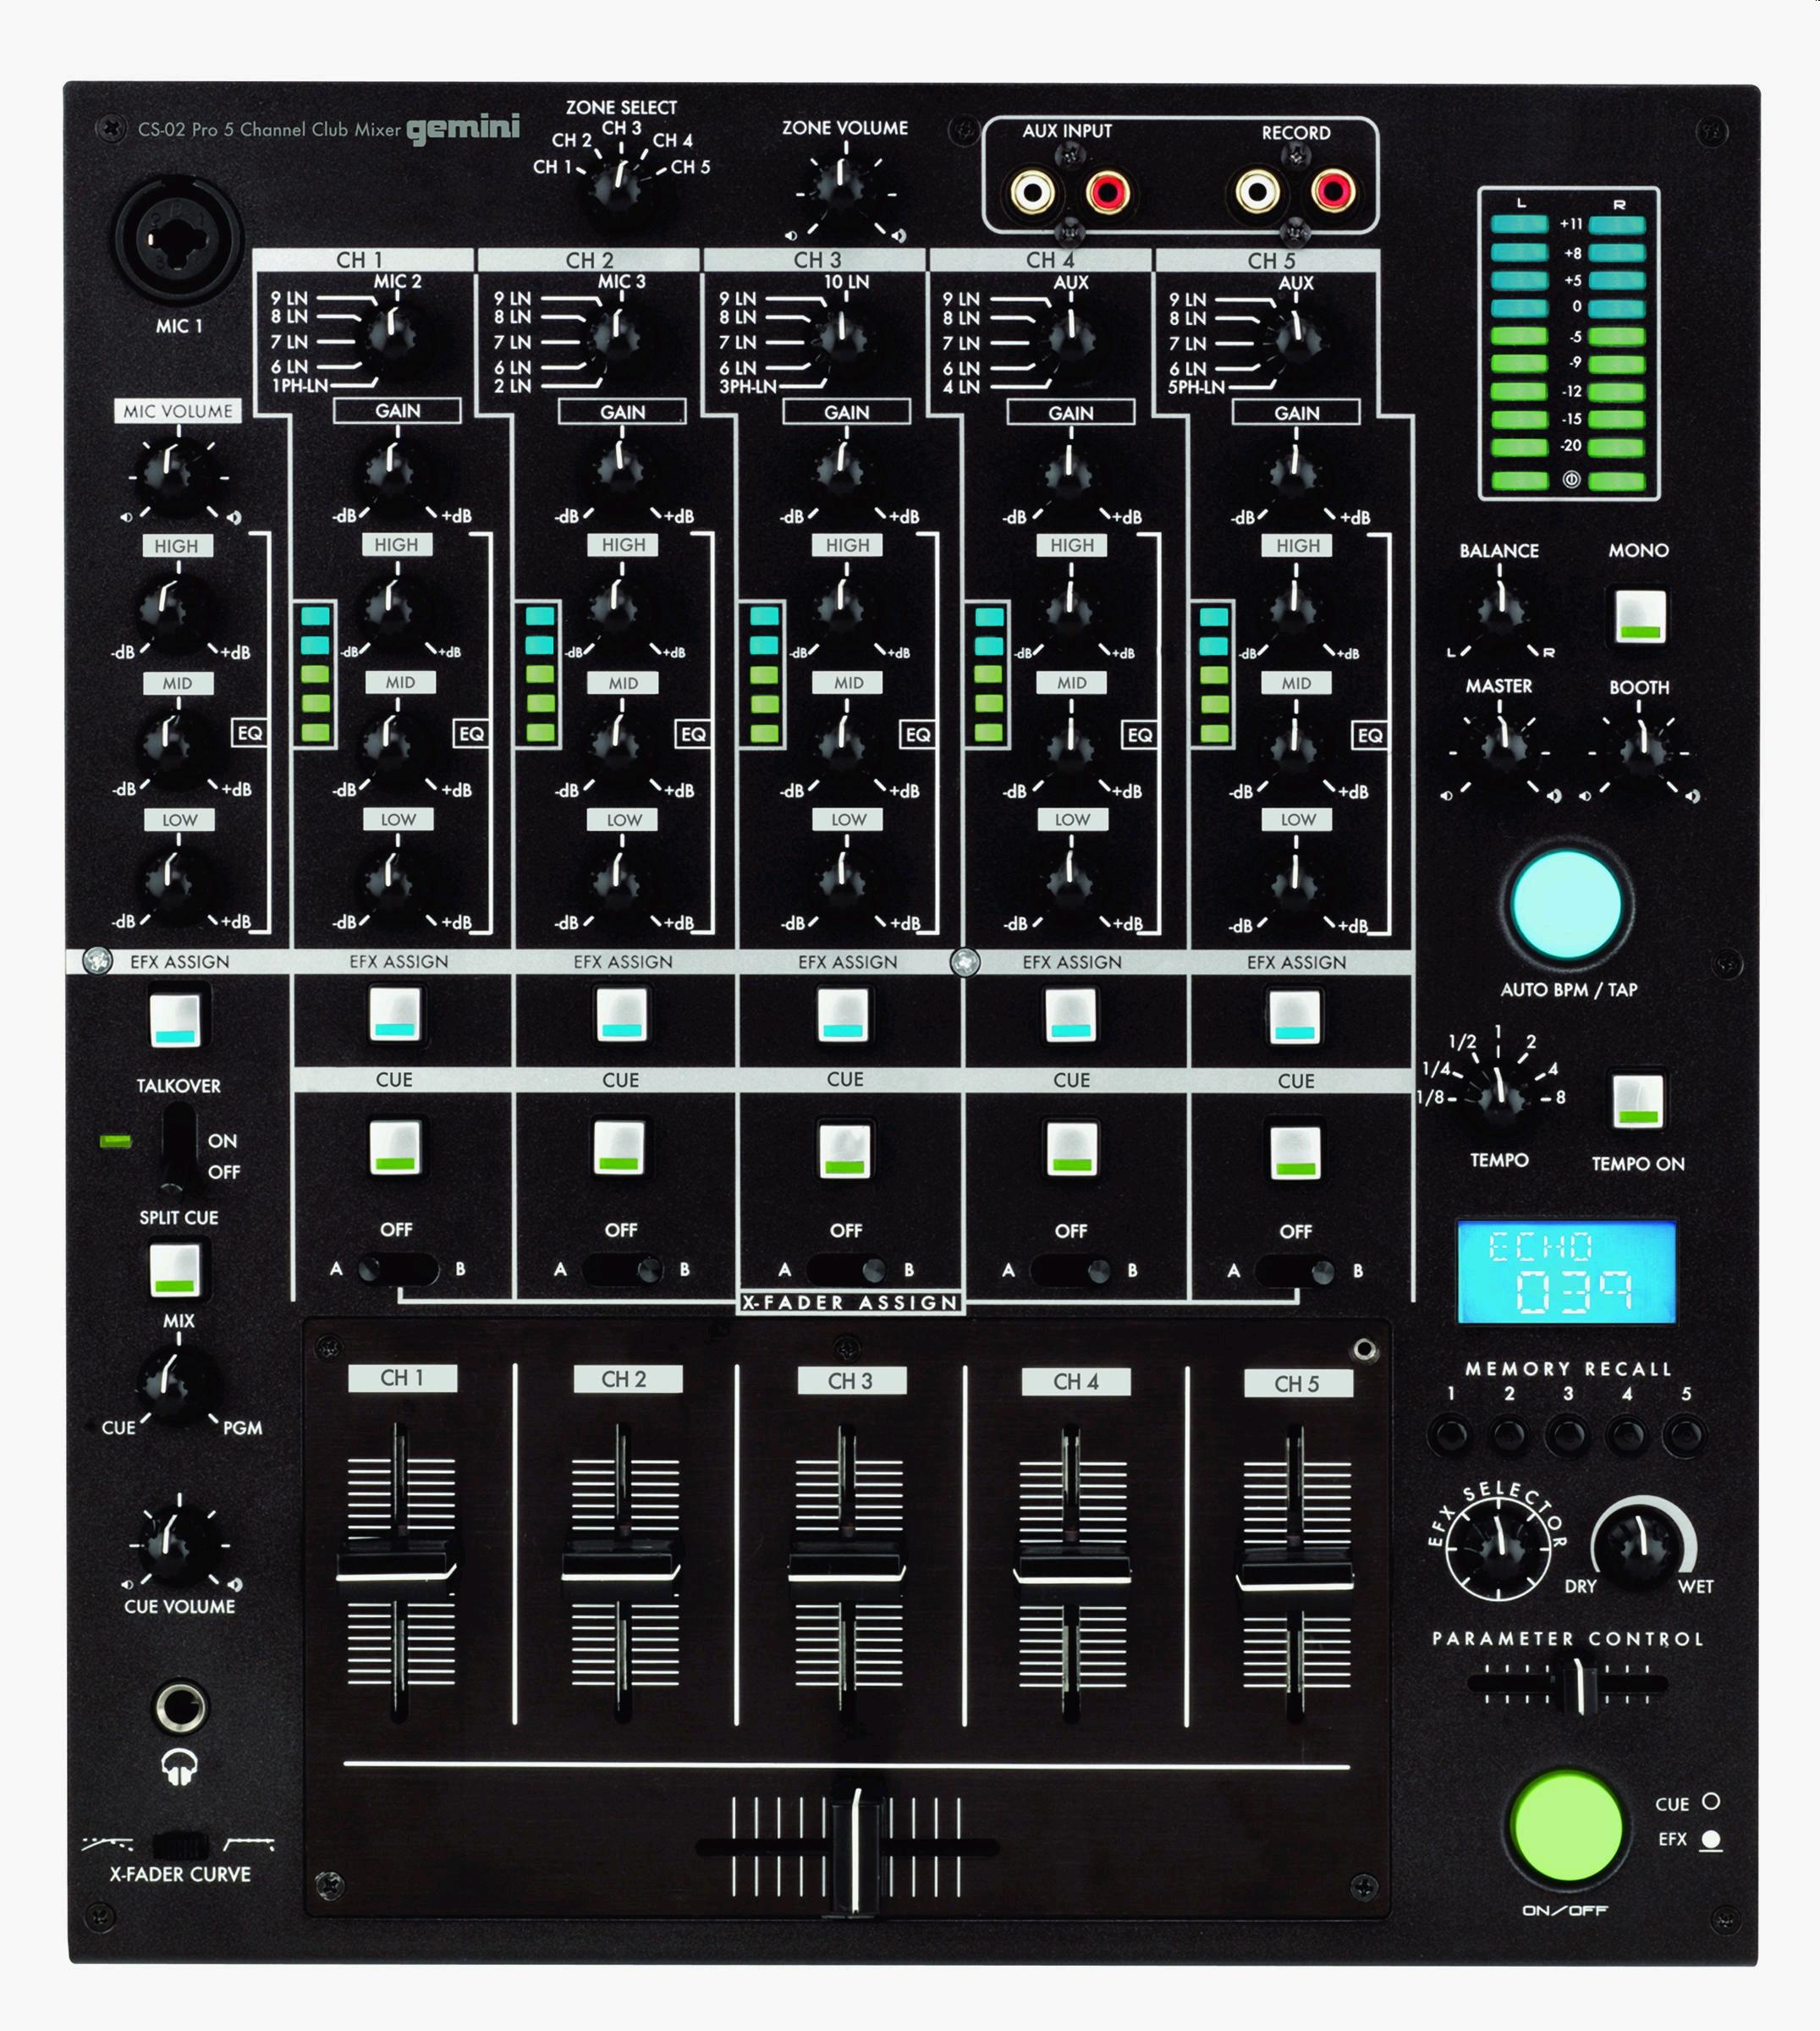 CS-02的每个通道都带有一个EFX选择开关和crossfader选择开关,通过输入选择旋钮可设置每个通道的输入源信号。其DSP效果模块提供25种效果器,每种效果均可选择加载在哪个通道上。 自动速度/tap按钮可使效果器的速度与歌曲的速度同步。其它特性还包括每个通道都带有可调增益的3段EQ、AUX和REC输入接口,话筒输入支持cue点控制。 CS-02将于2006年第二季度上市,价格399.